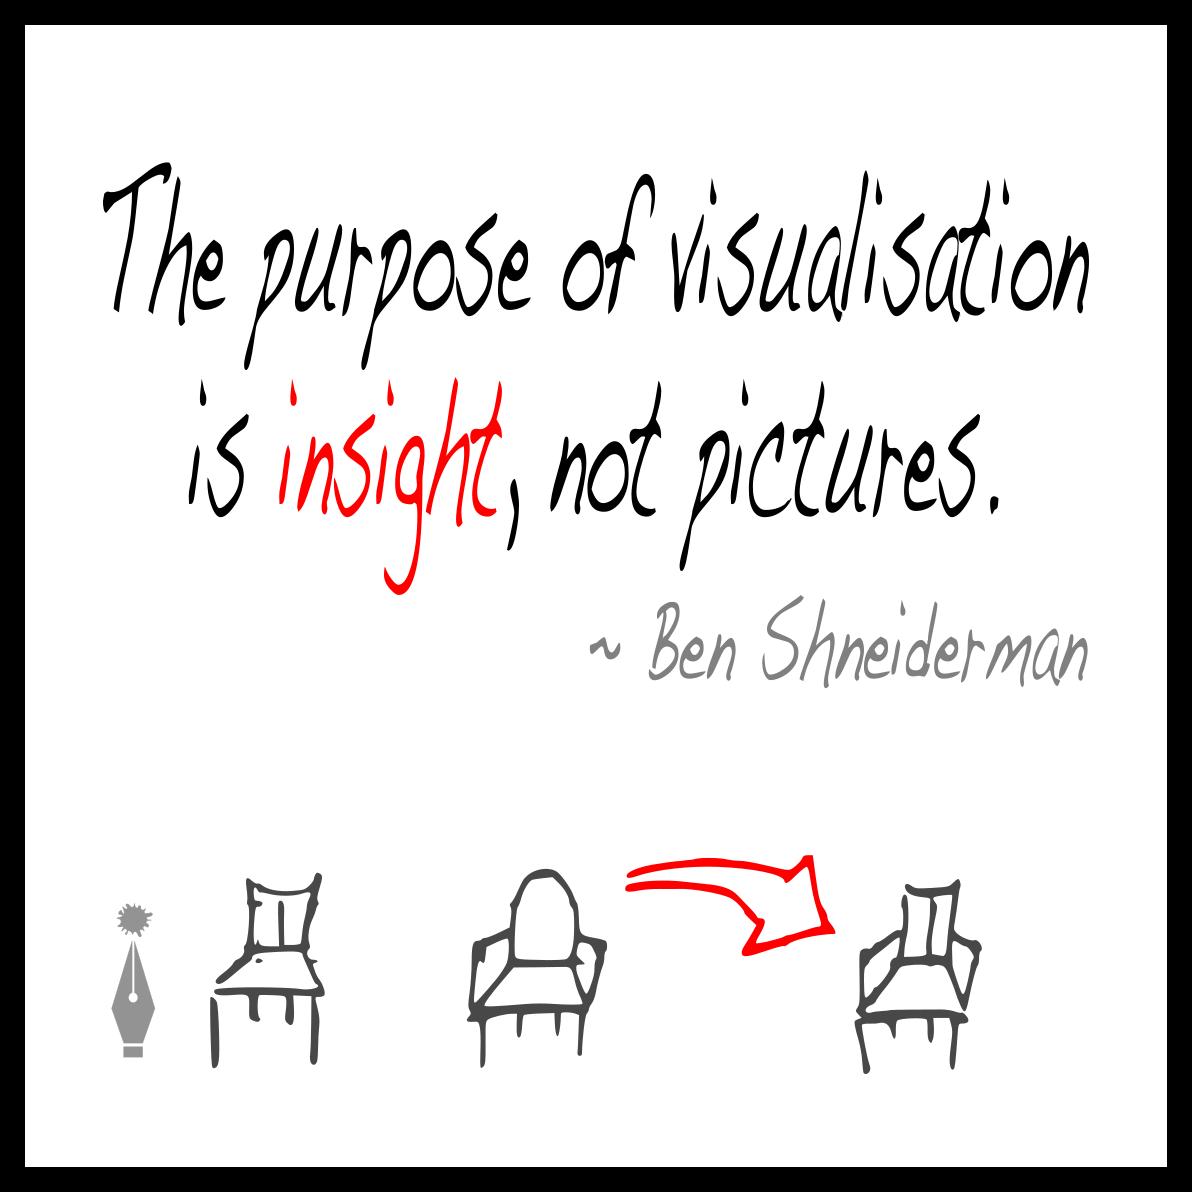 Ben Shneiderman quote